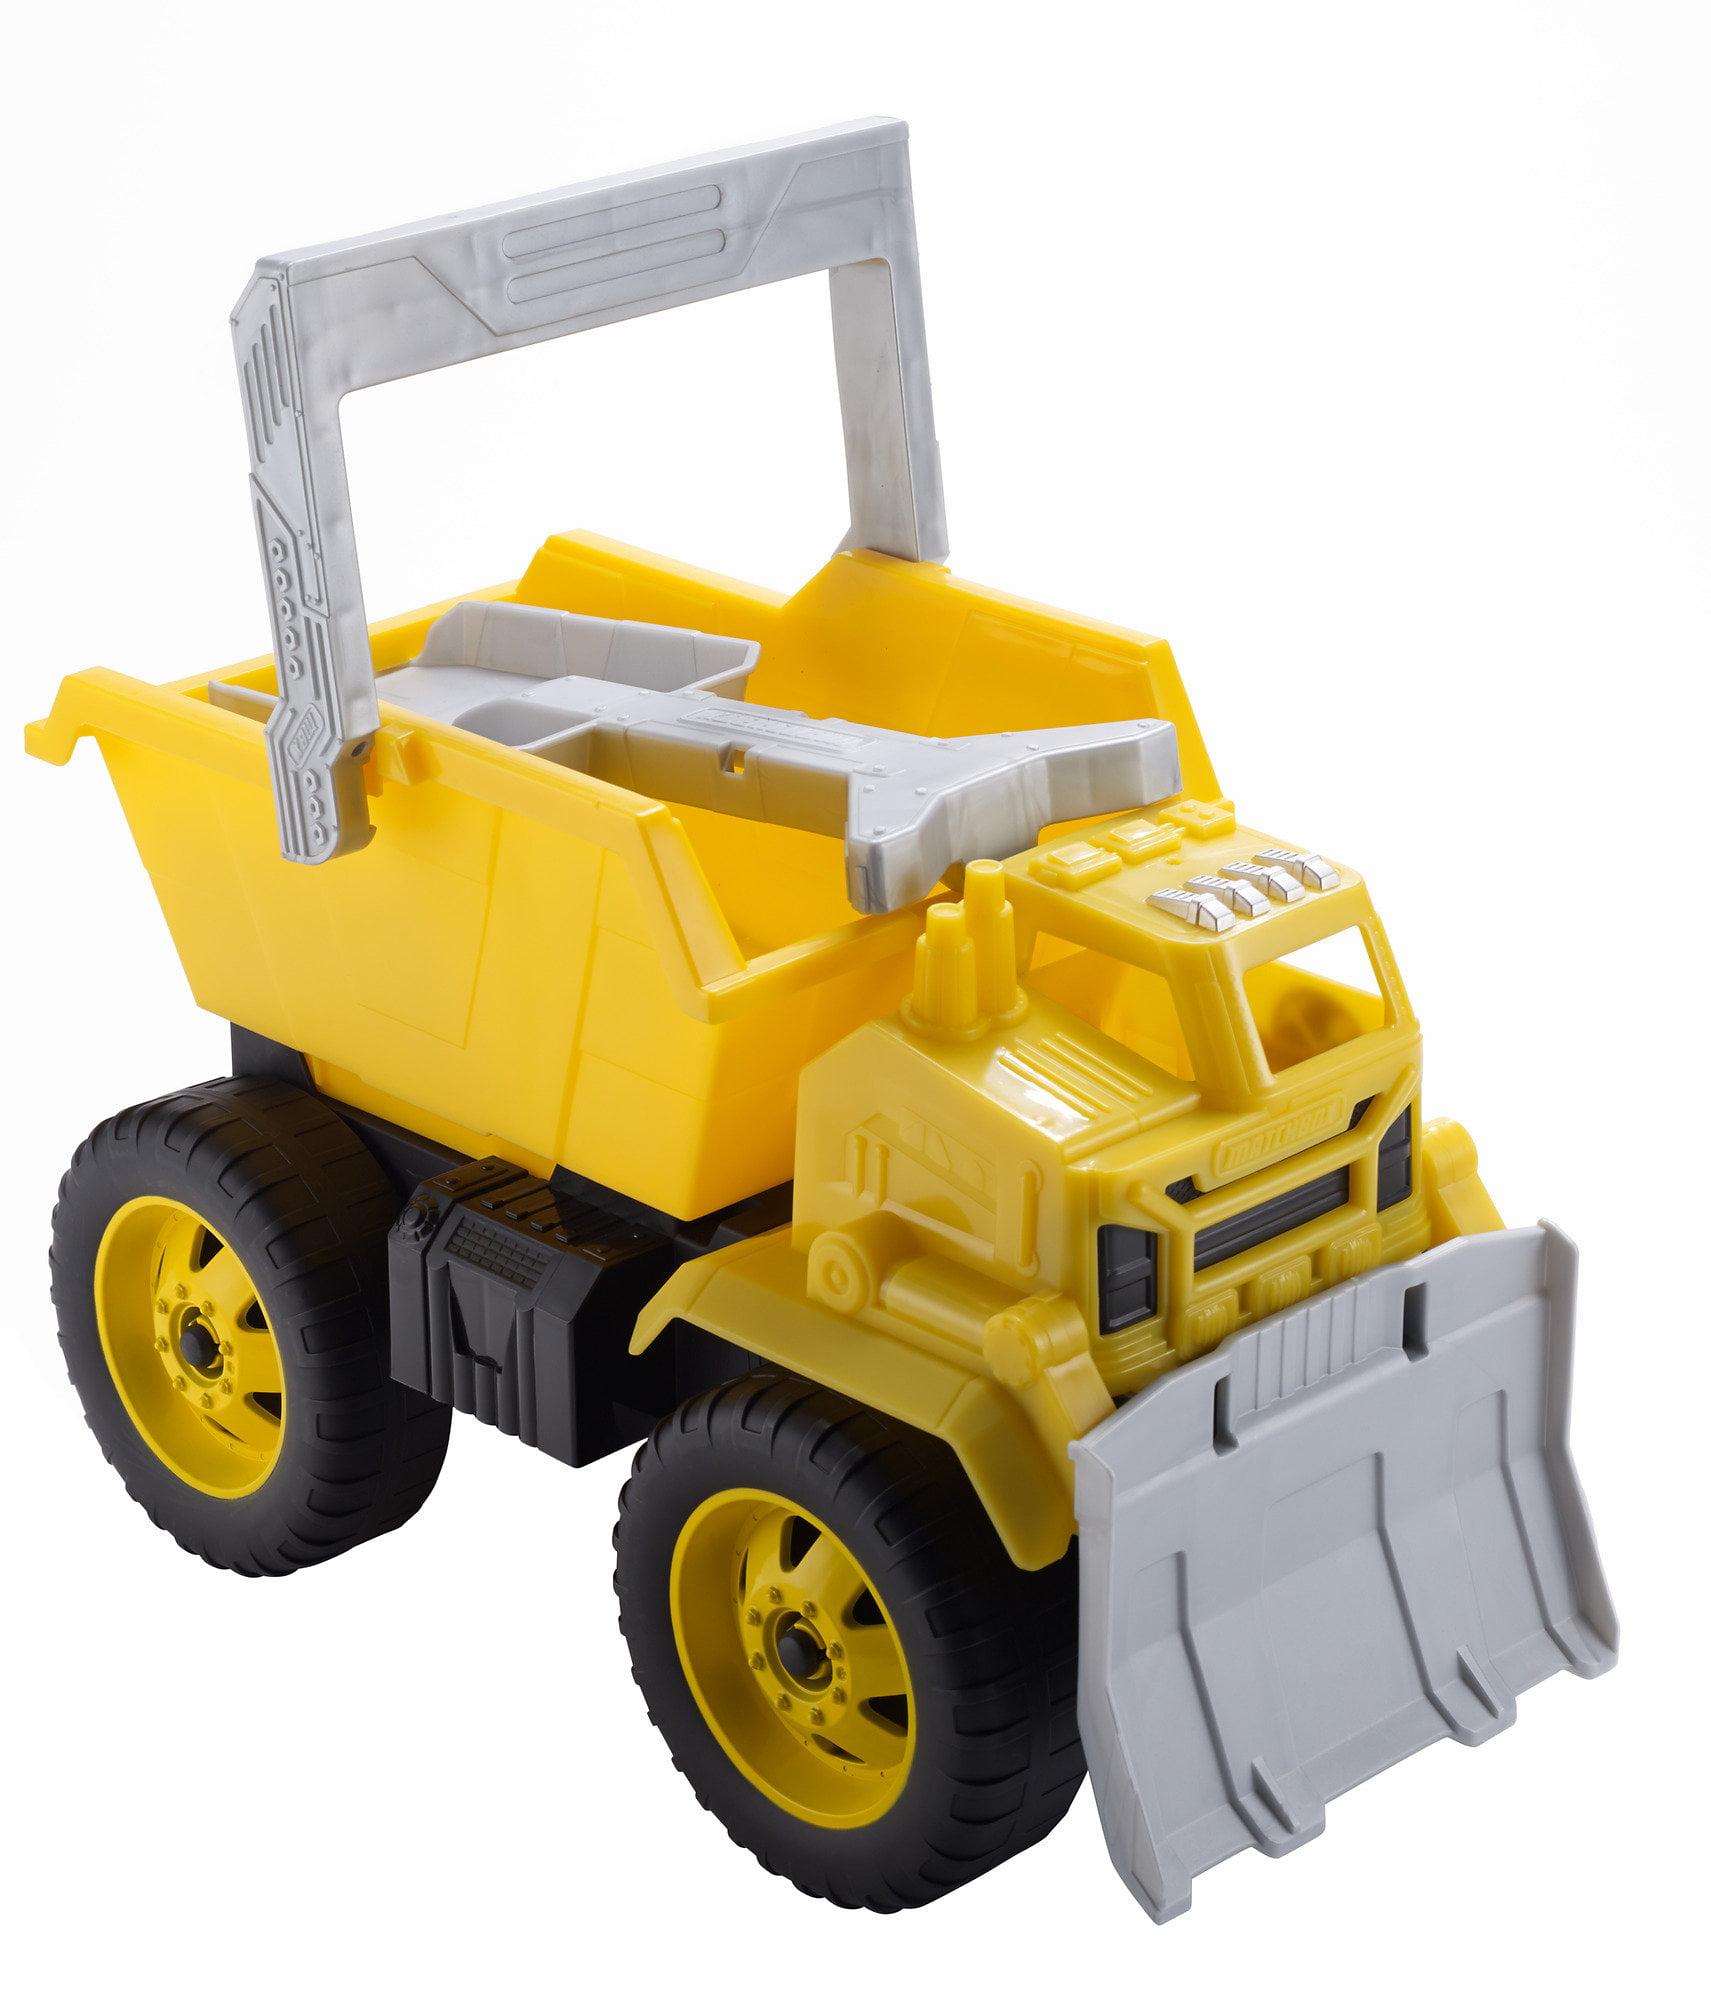 Matchbox Dump Truck by Mattel